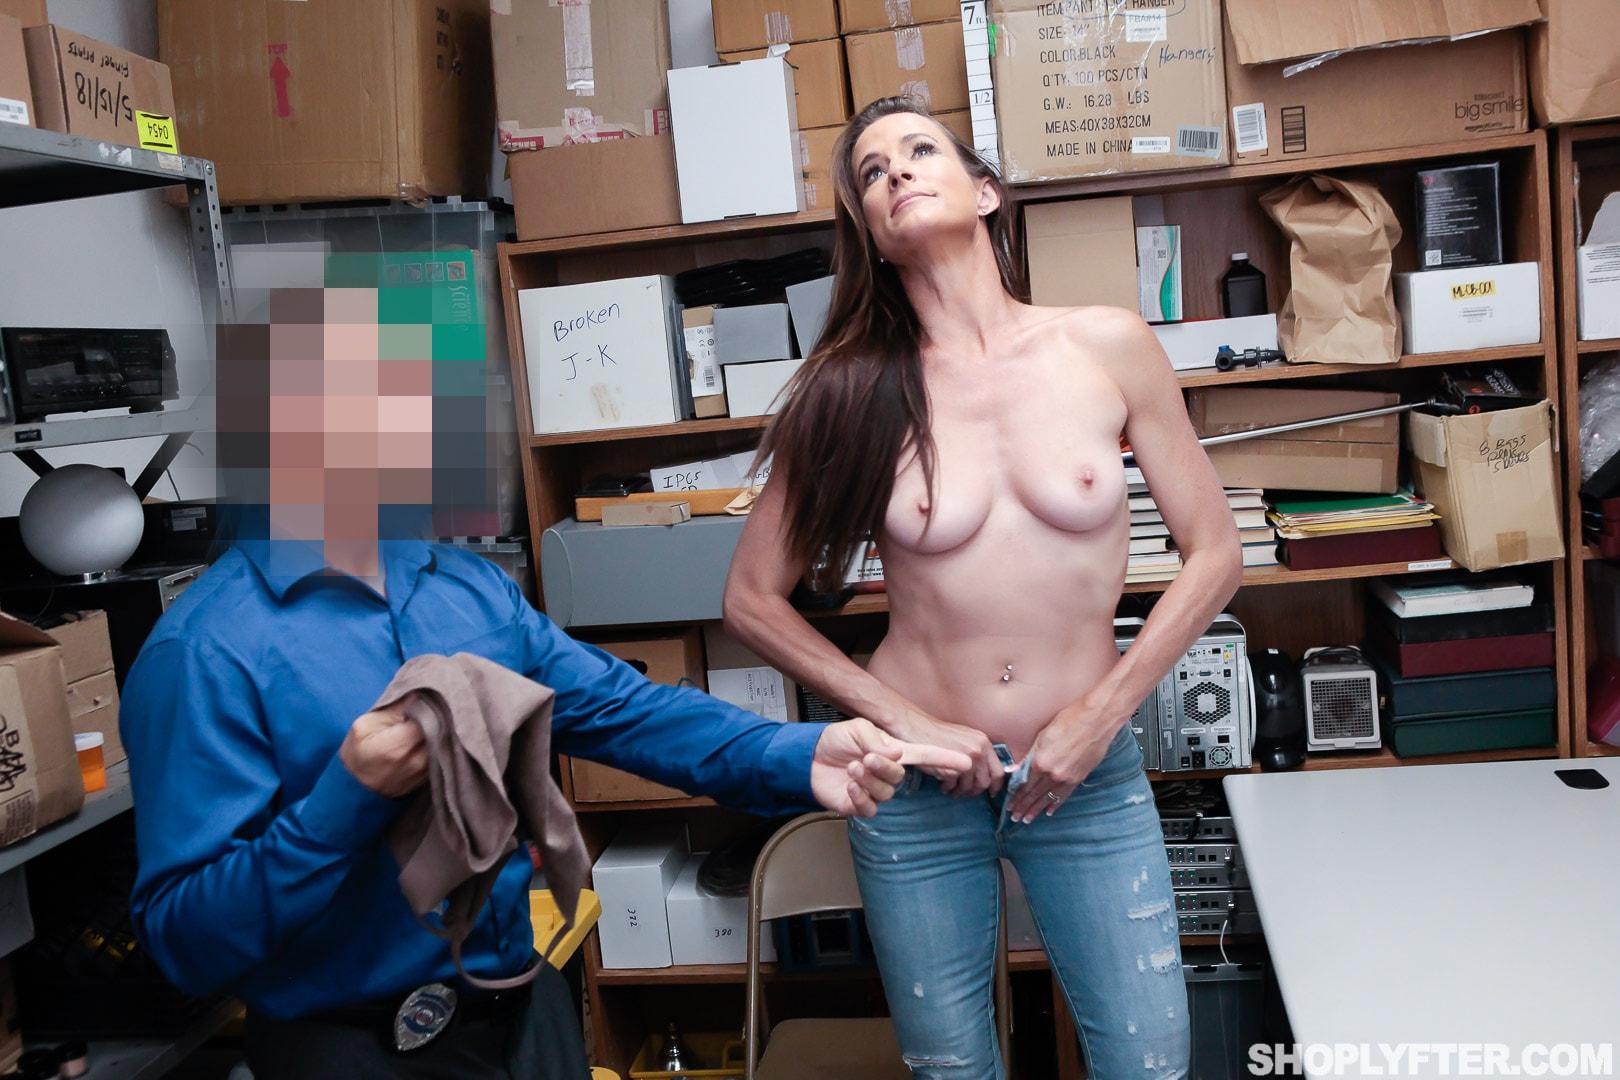 Team Skeet 'Case No. 4185156' starring Sofie Marie (Photo 48)